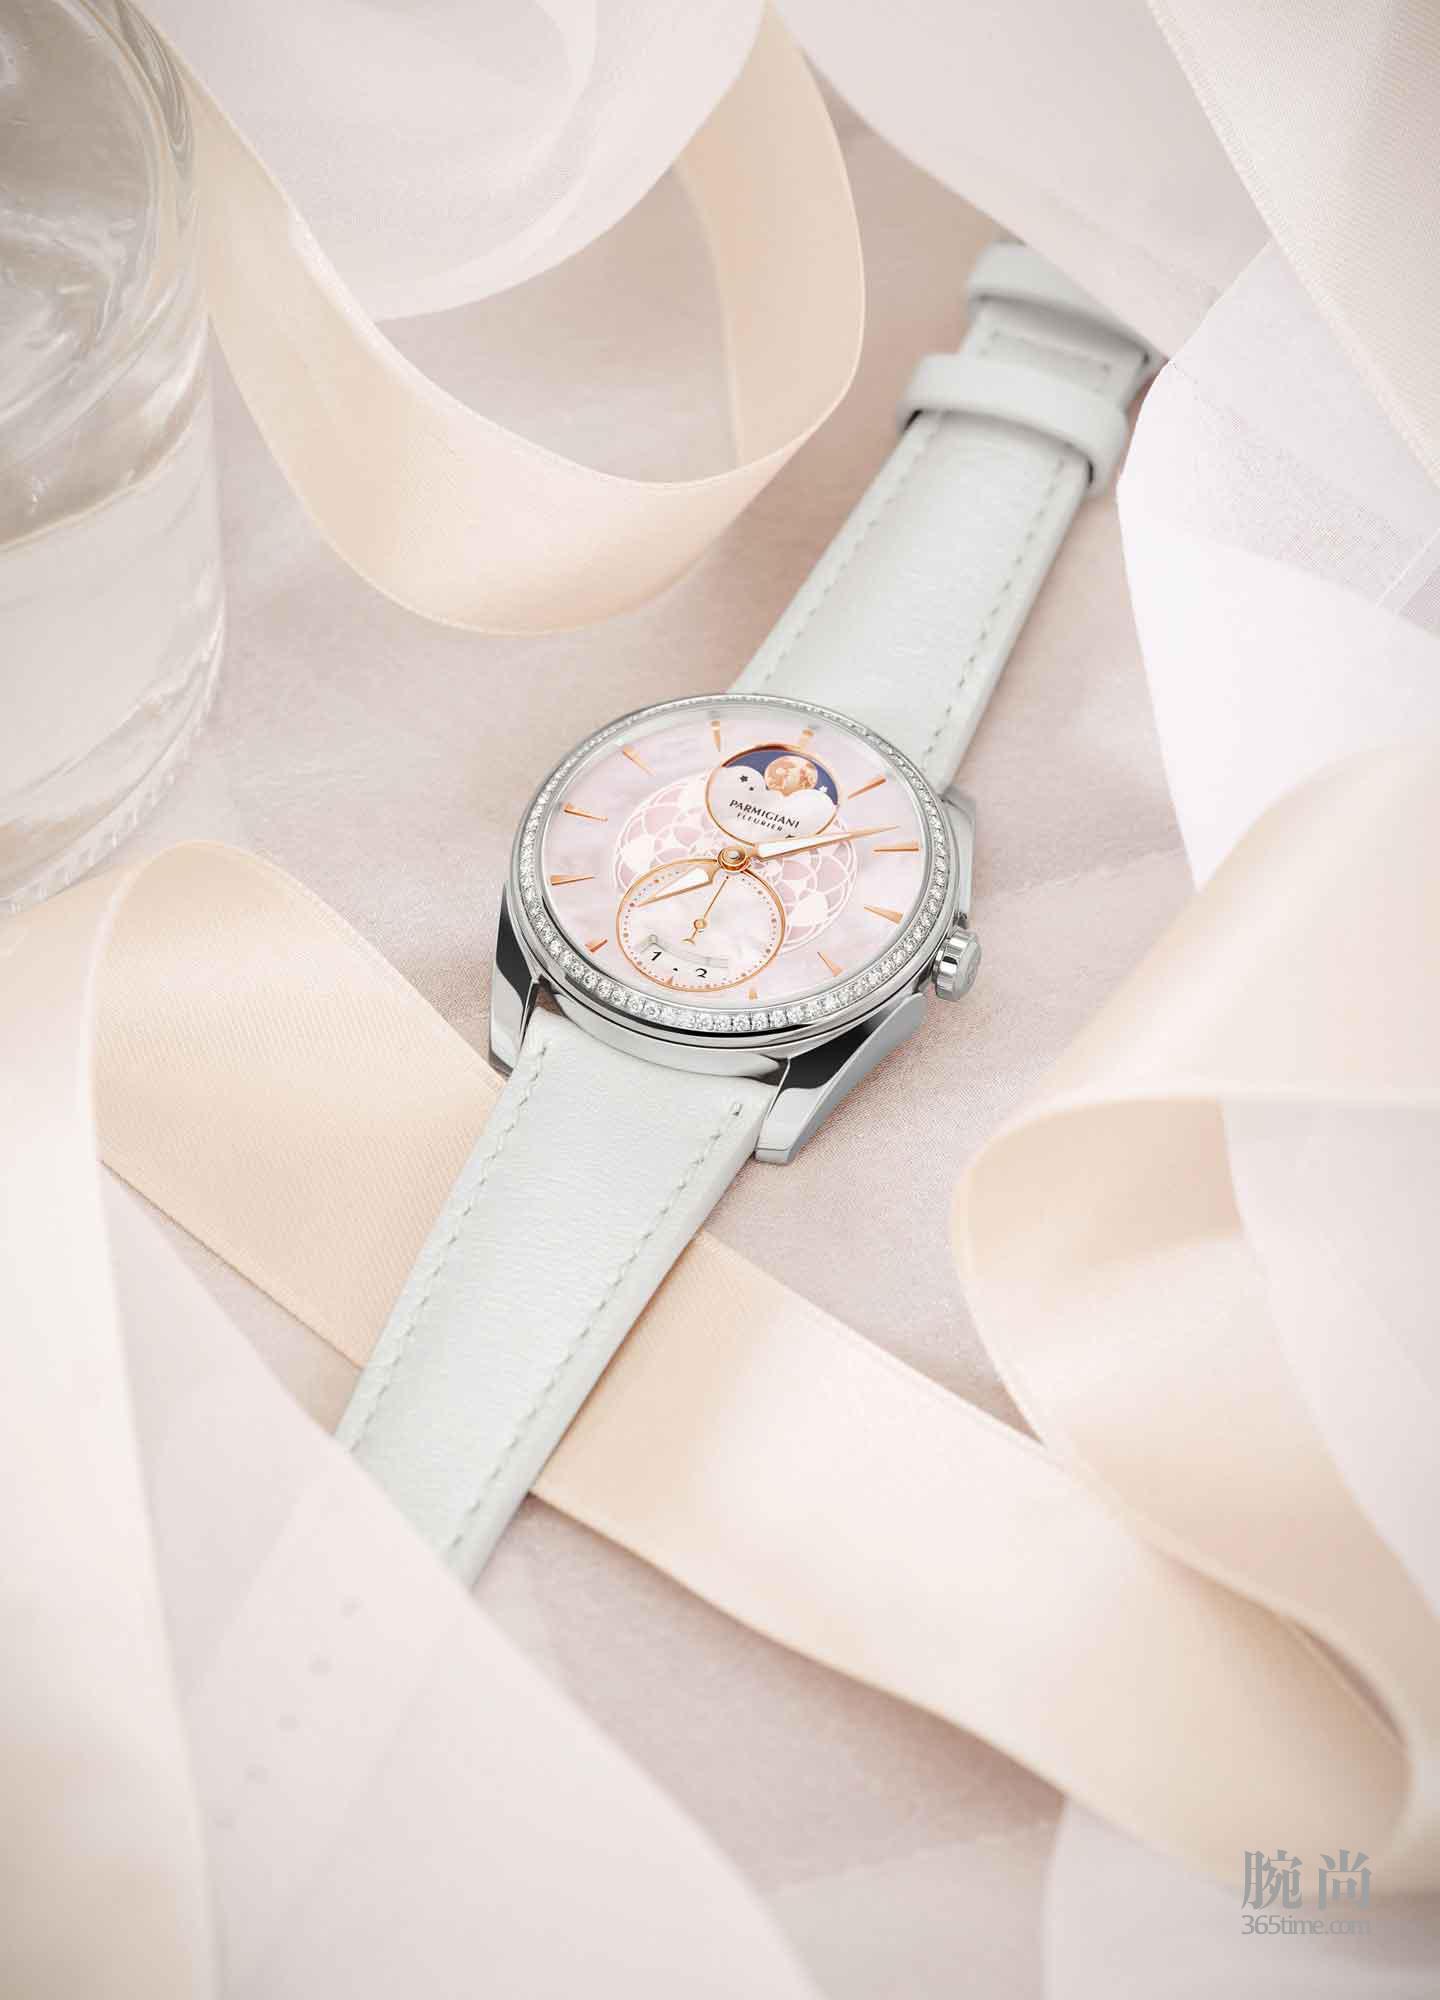 帕玛强尼Tonda-Métropolitaine-Sélène腕表.jpg